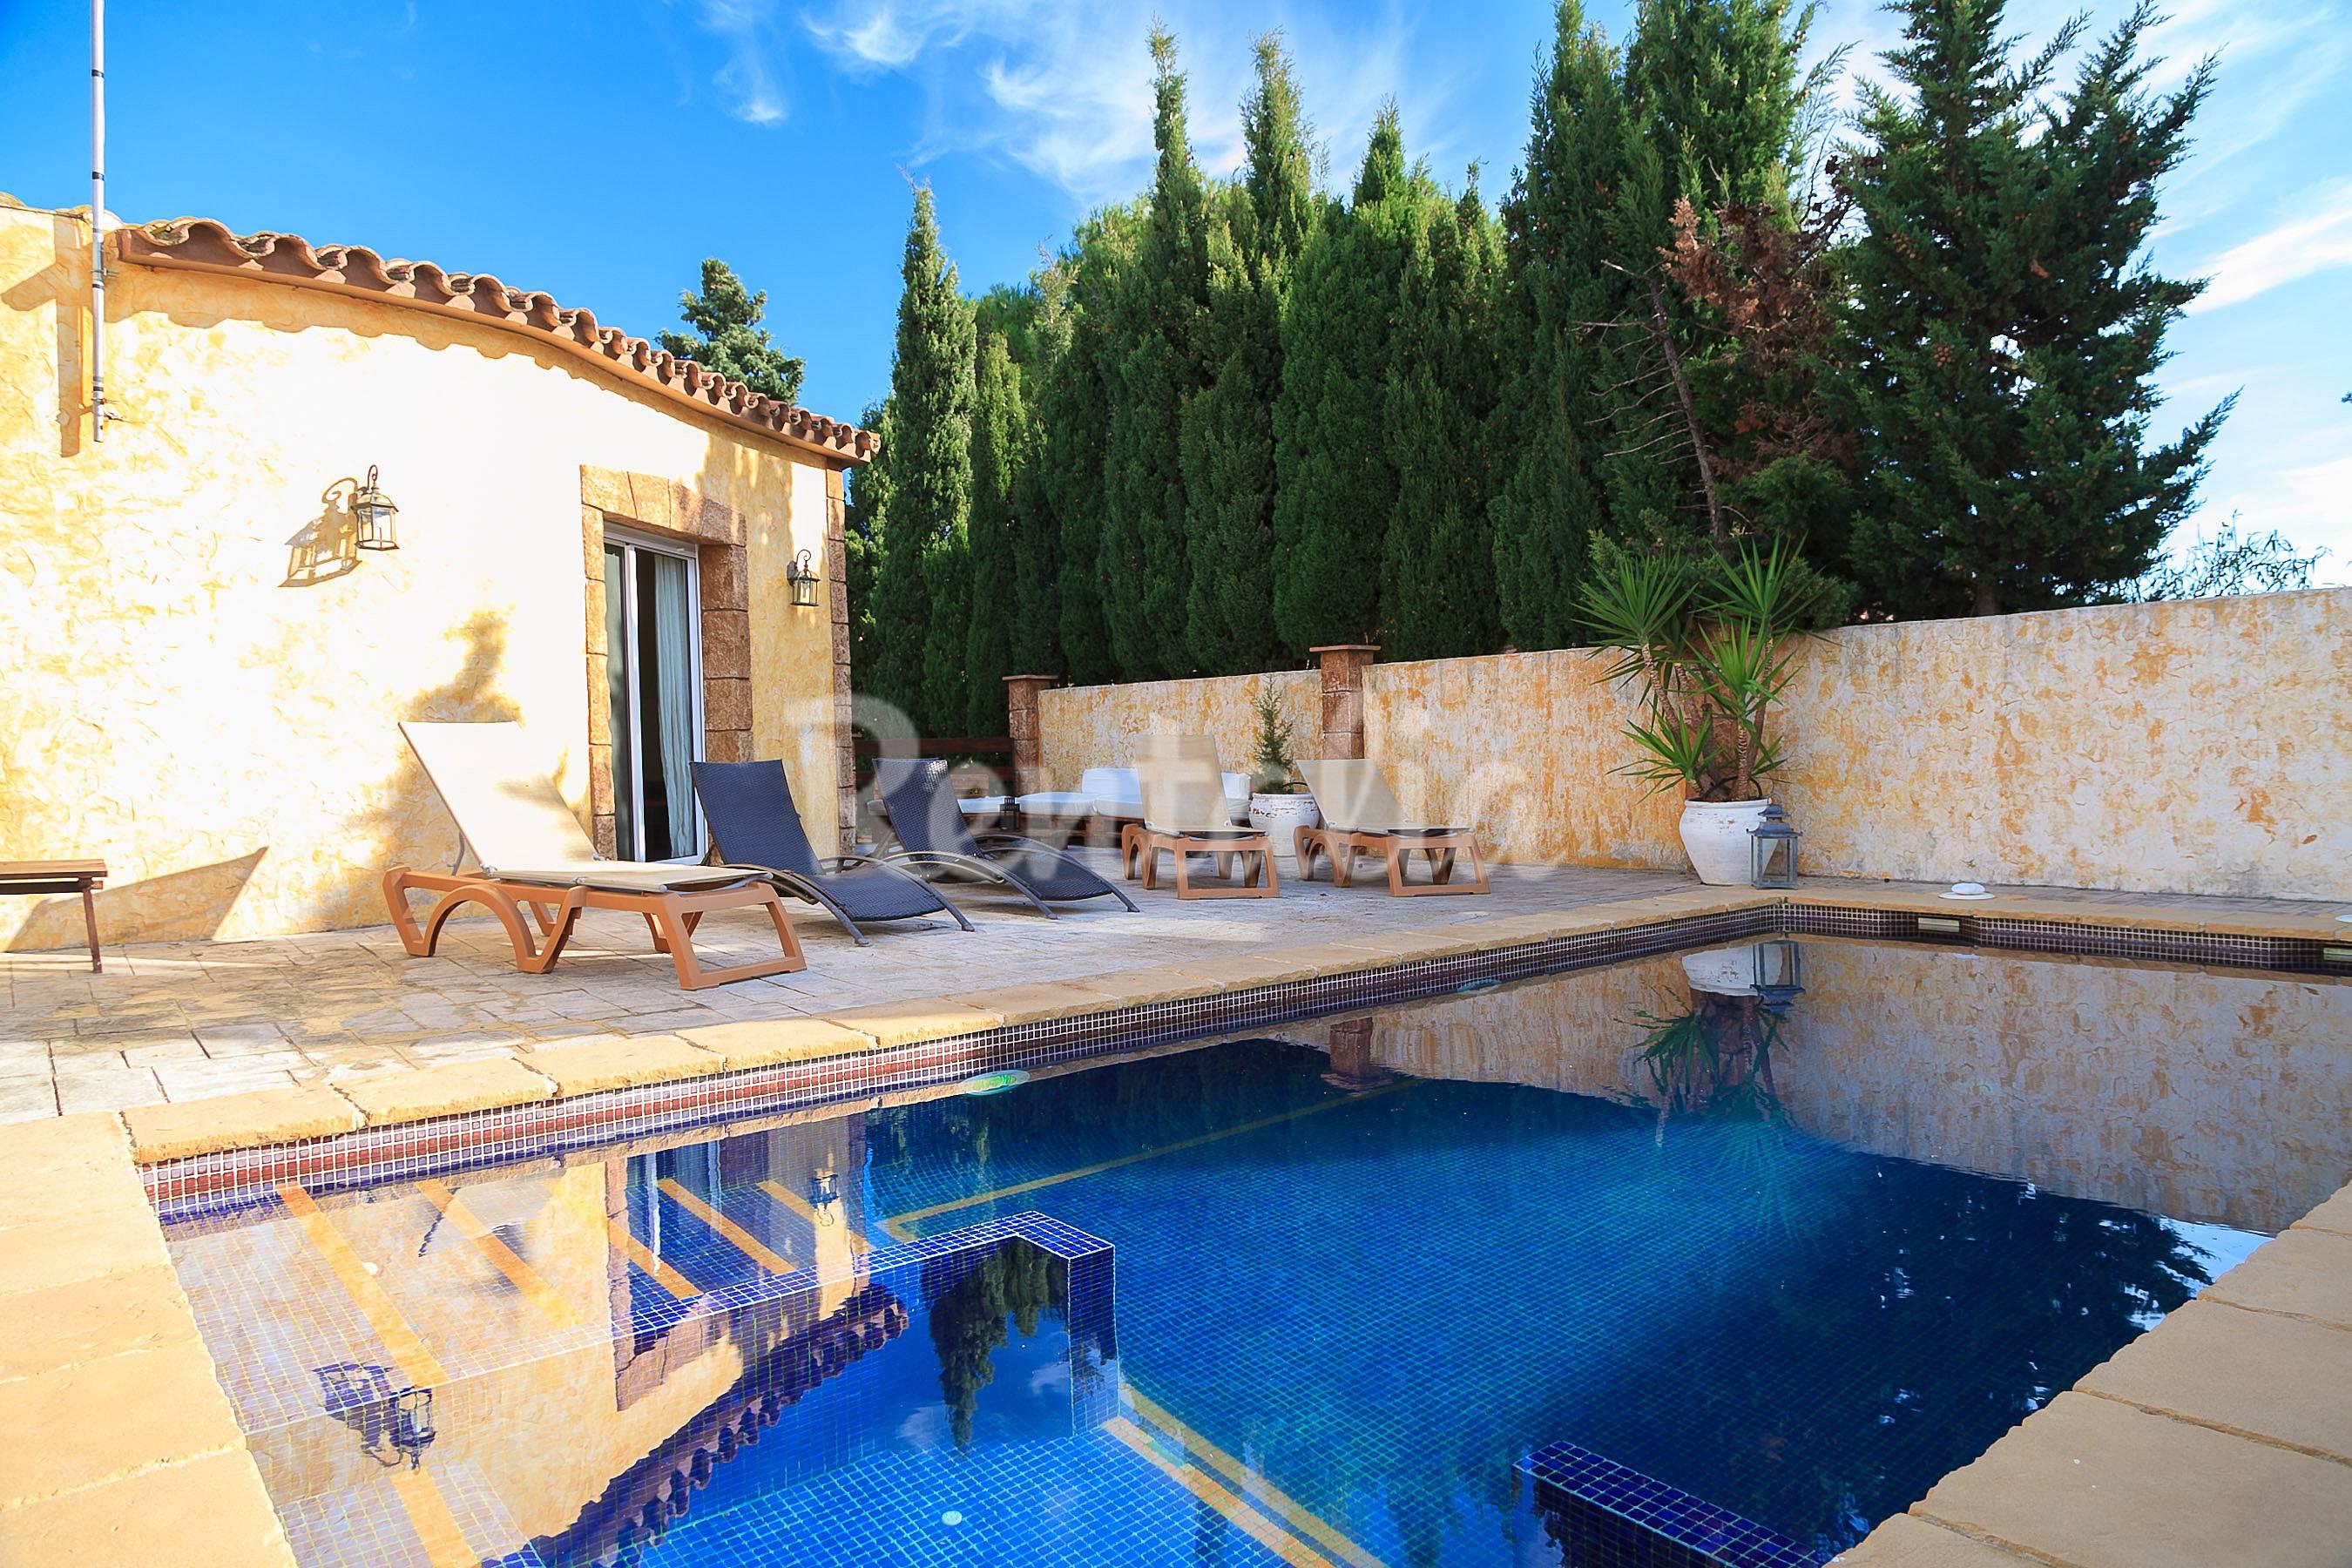 Accueillante villa avec piscine priv e miami platj miami for Location villa miami avec piscine